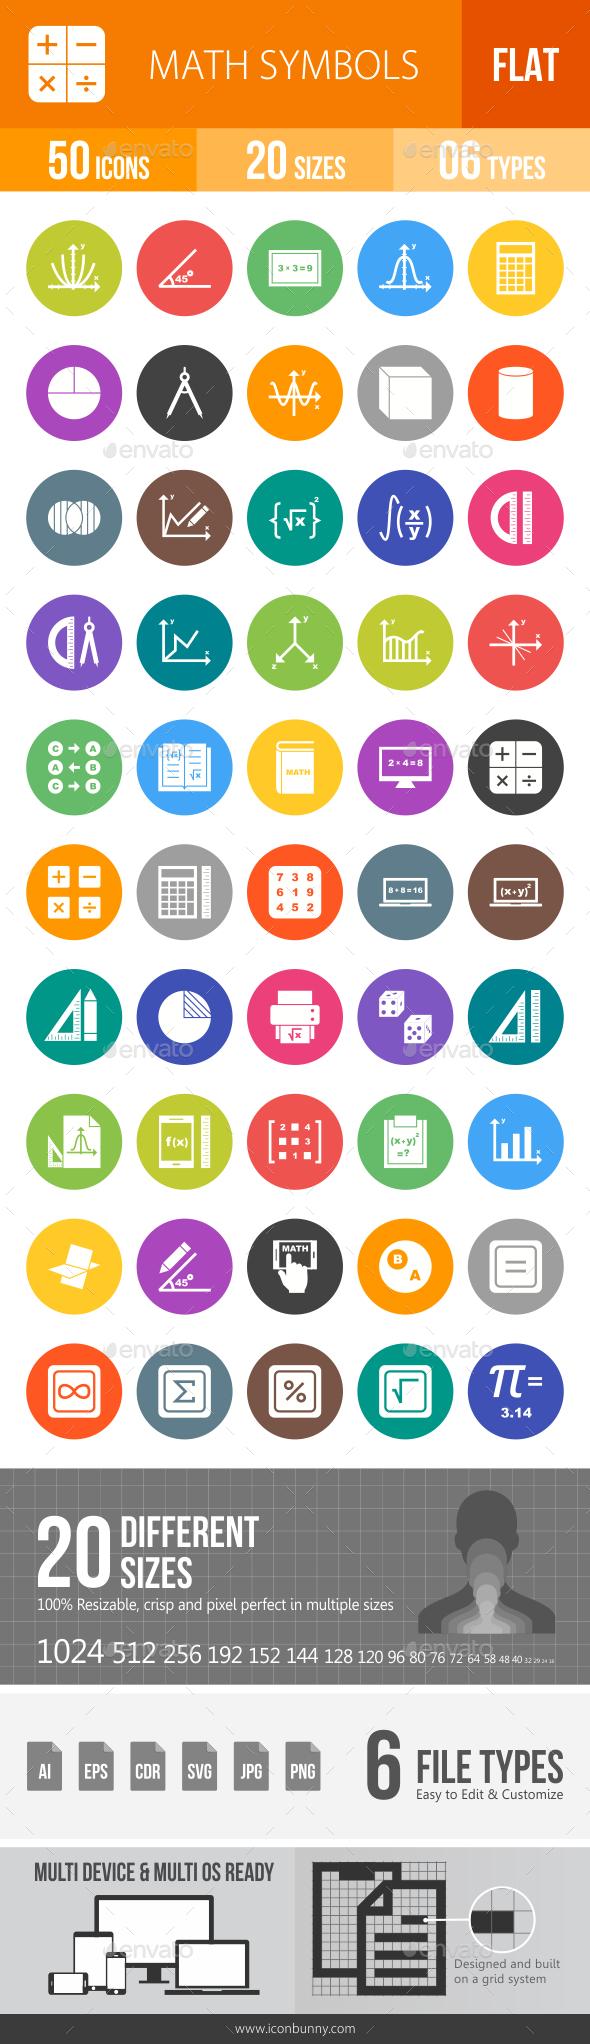 Math Symbols Flat Round Icons - Icons